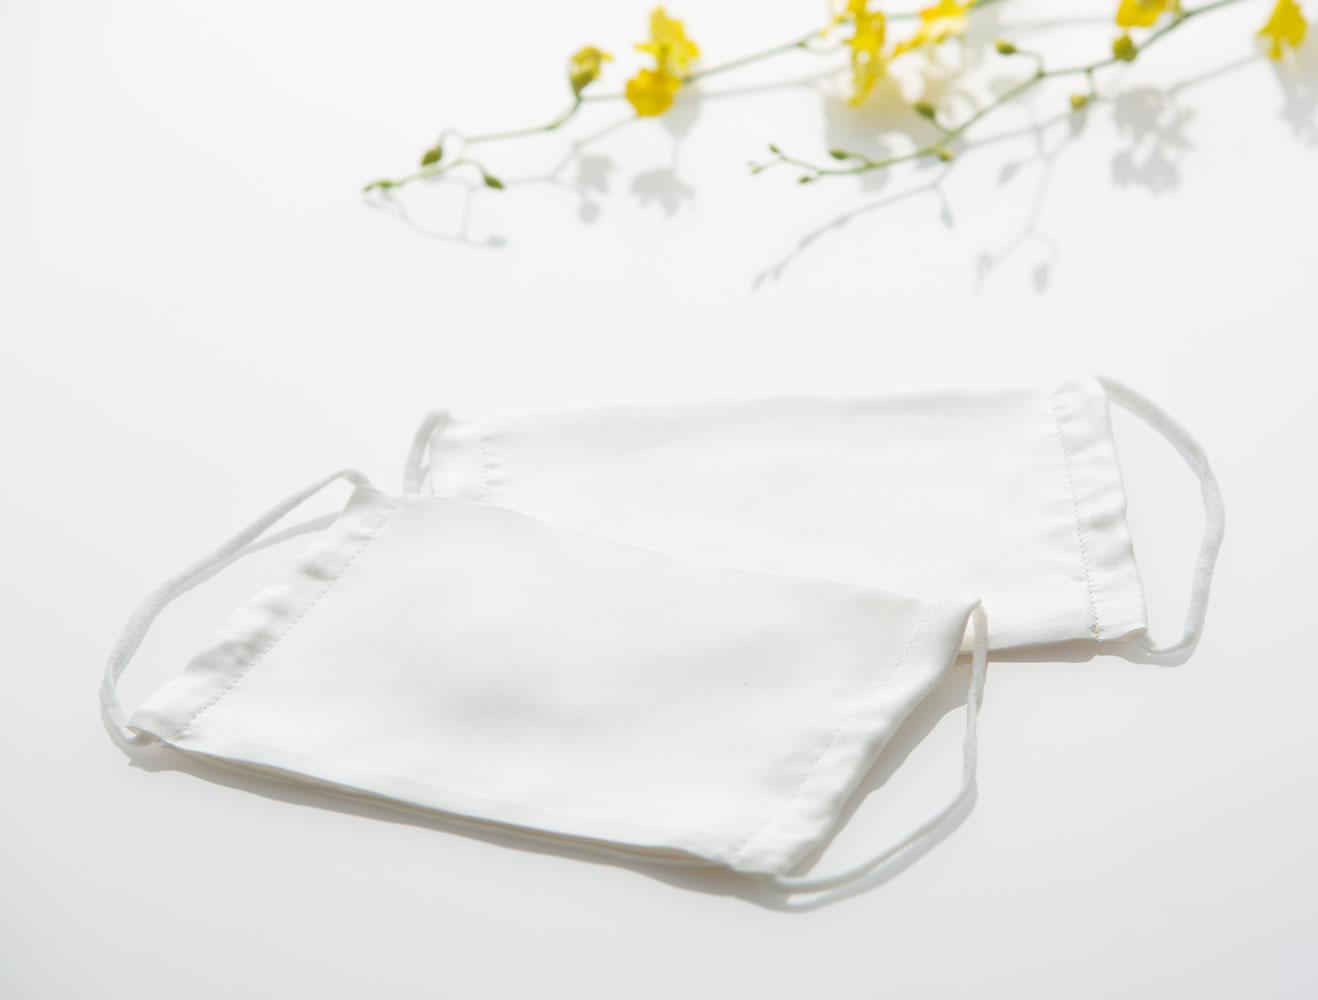 シルクマスク(大) 絹ガーゼ使用(アレルギー対応、絹加工耳掛け)